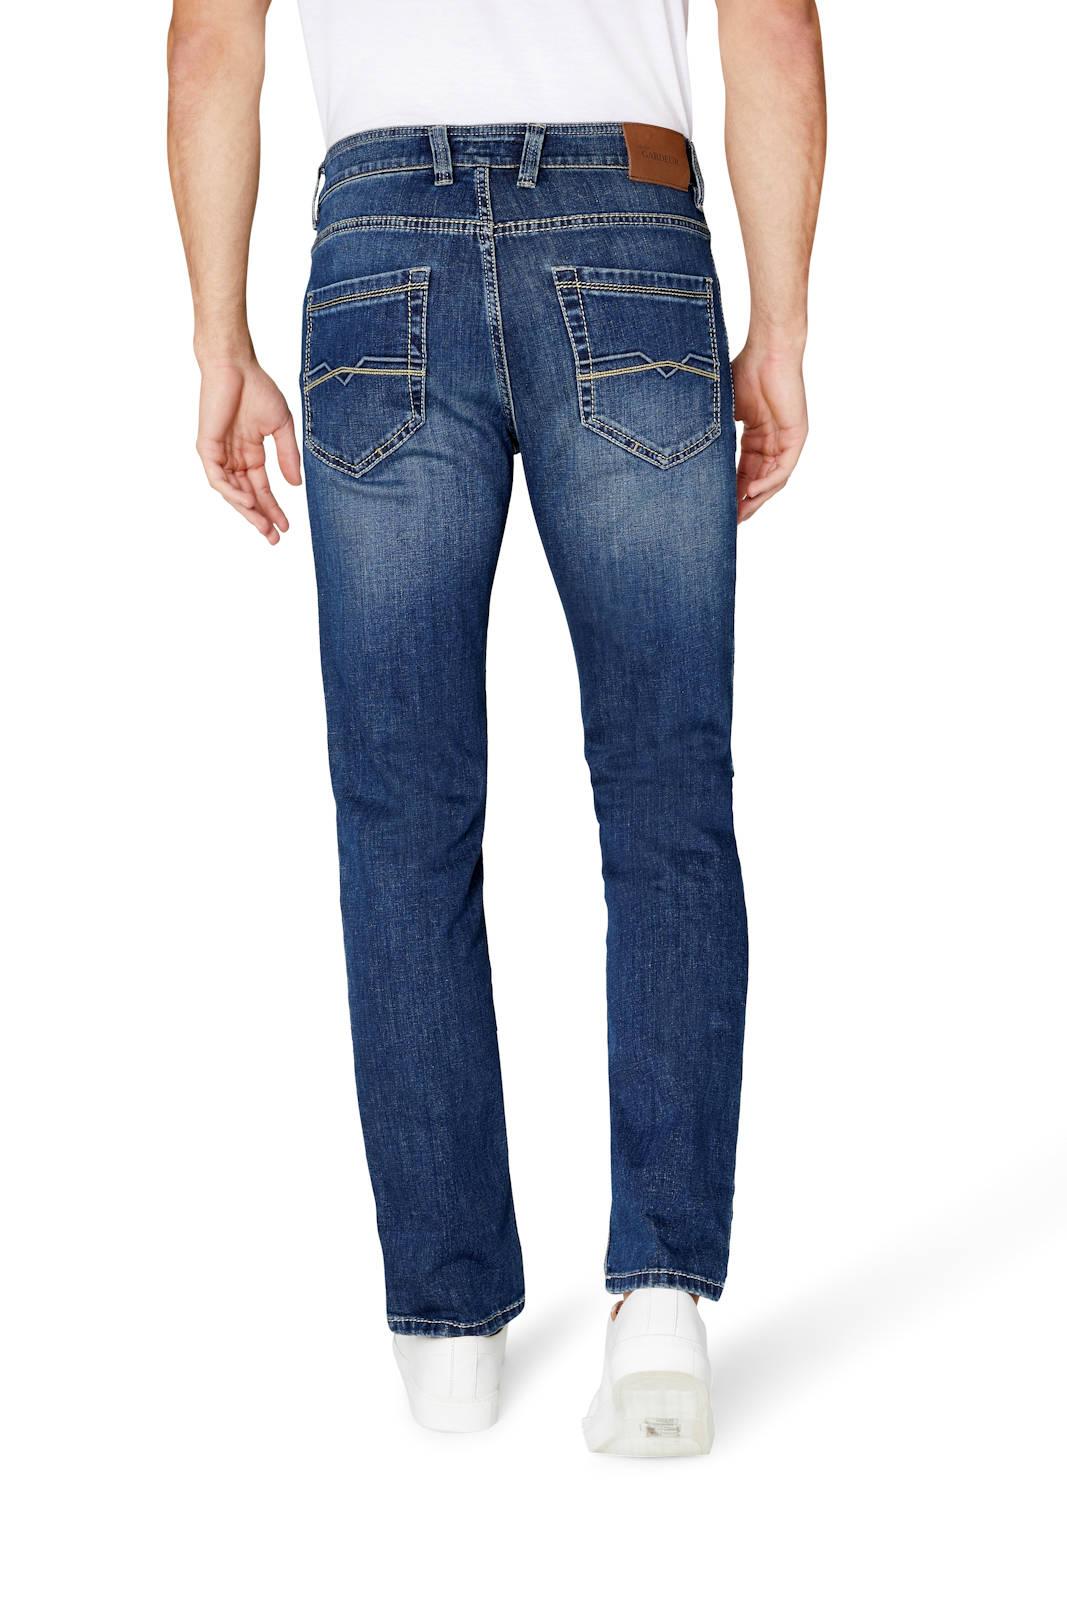 Atelier-GARDEUR-Jeans-BATU-2-Modern-Fit-Herren-Hose-Slim-Leg-Denim-NEU Indexbild 8